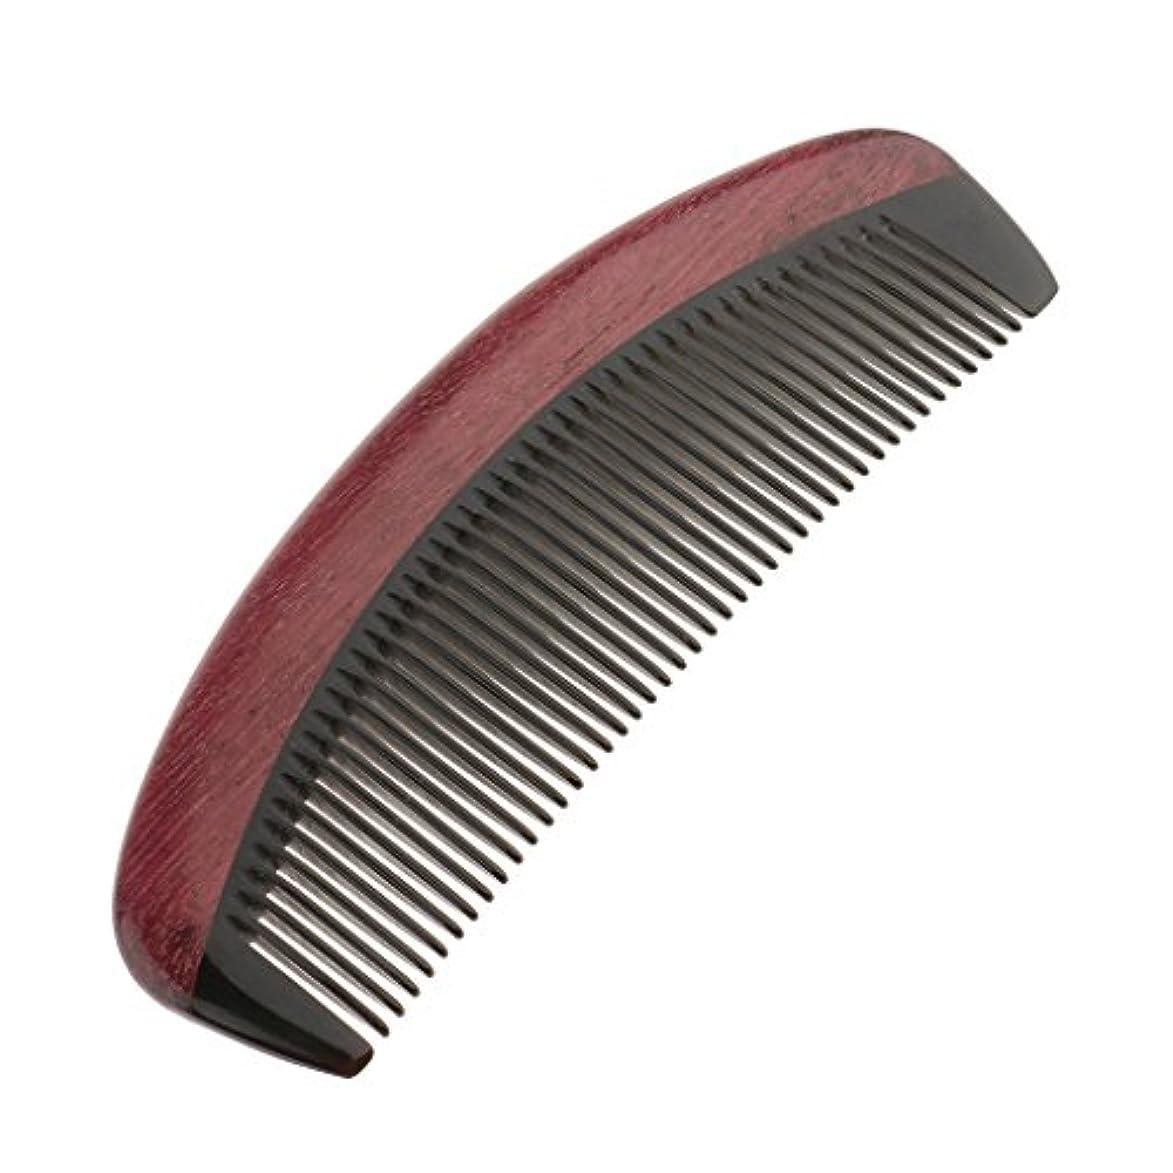 ディスパッチ困惑するアラブサラボToygogo プロのサンダルウッド帯電防止マッサージ櫛木製ポケットヘアブラシ閉じる歯ブラシ